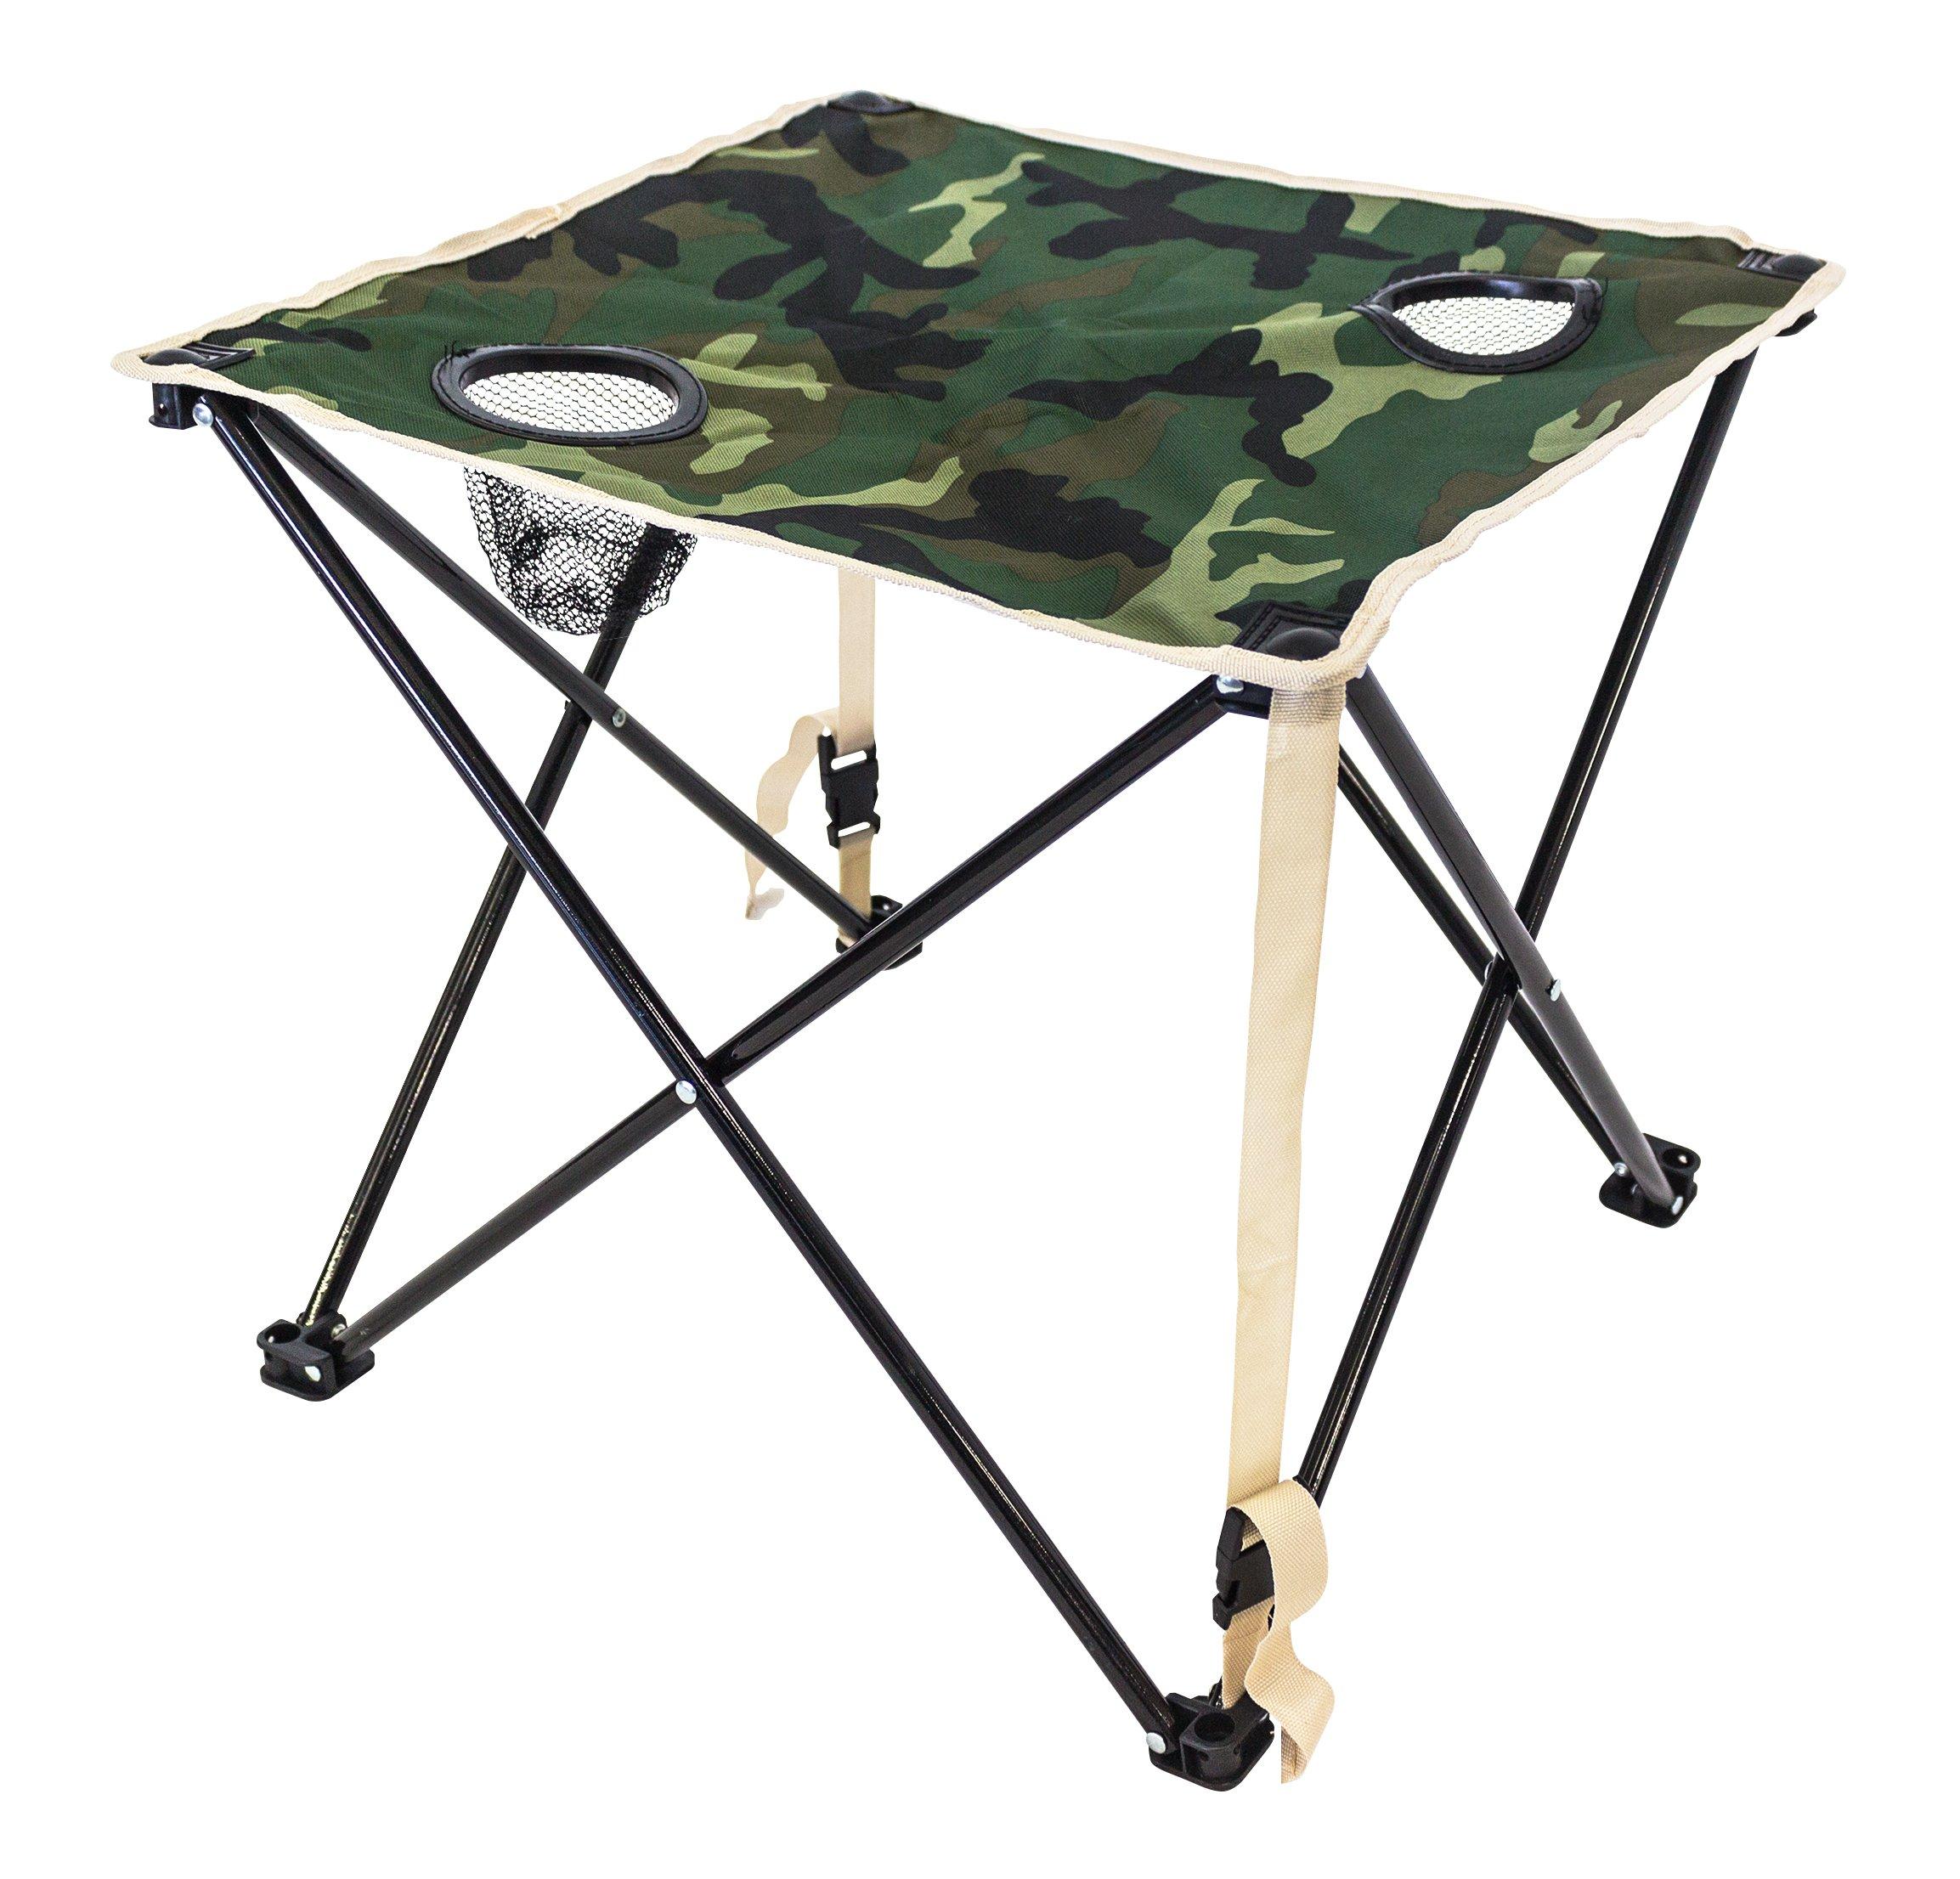 Tavolini Da Campeggio Pieghevoli Con Sedie.Xone Set Poltrone Pieghevoli E Tavolino Con Borsa Da Trasporto